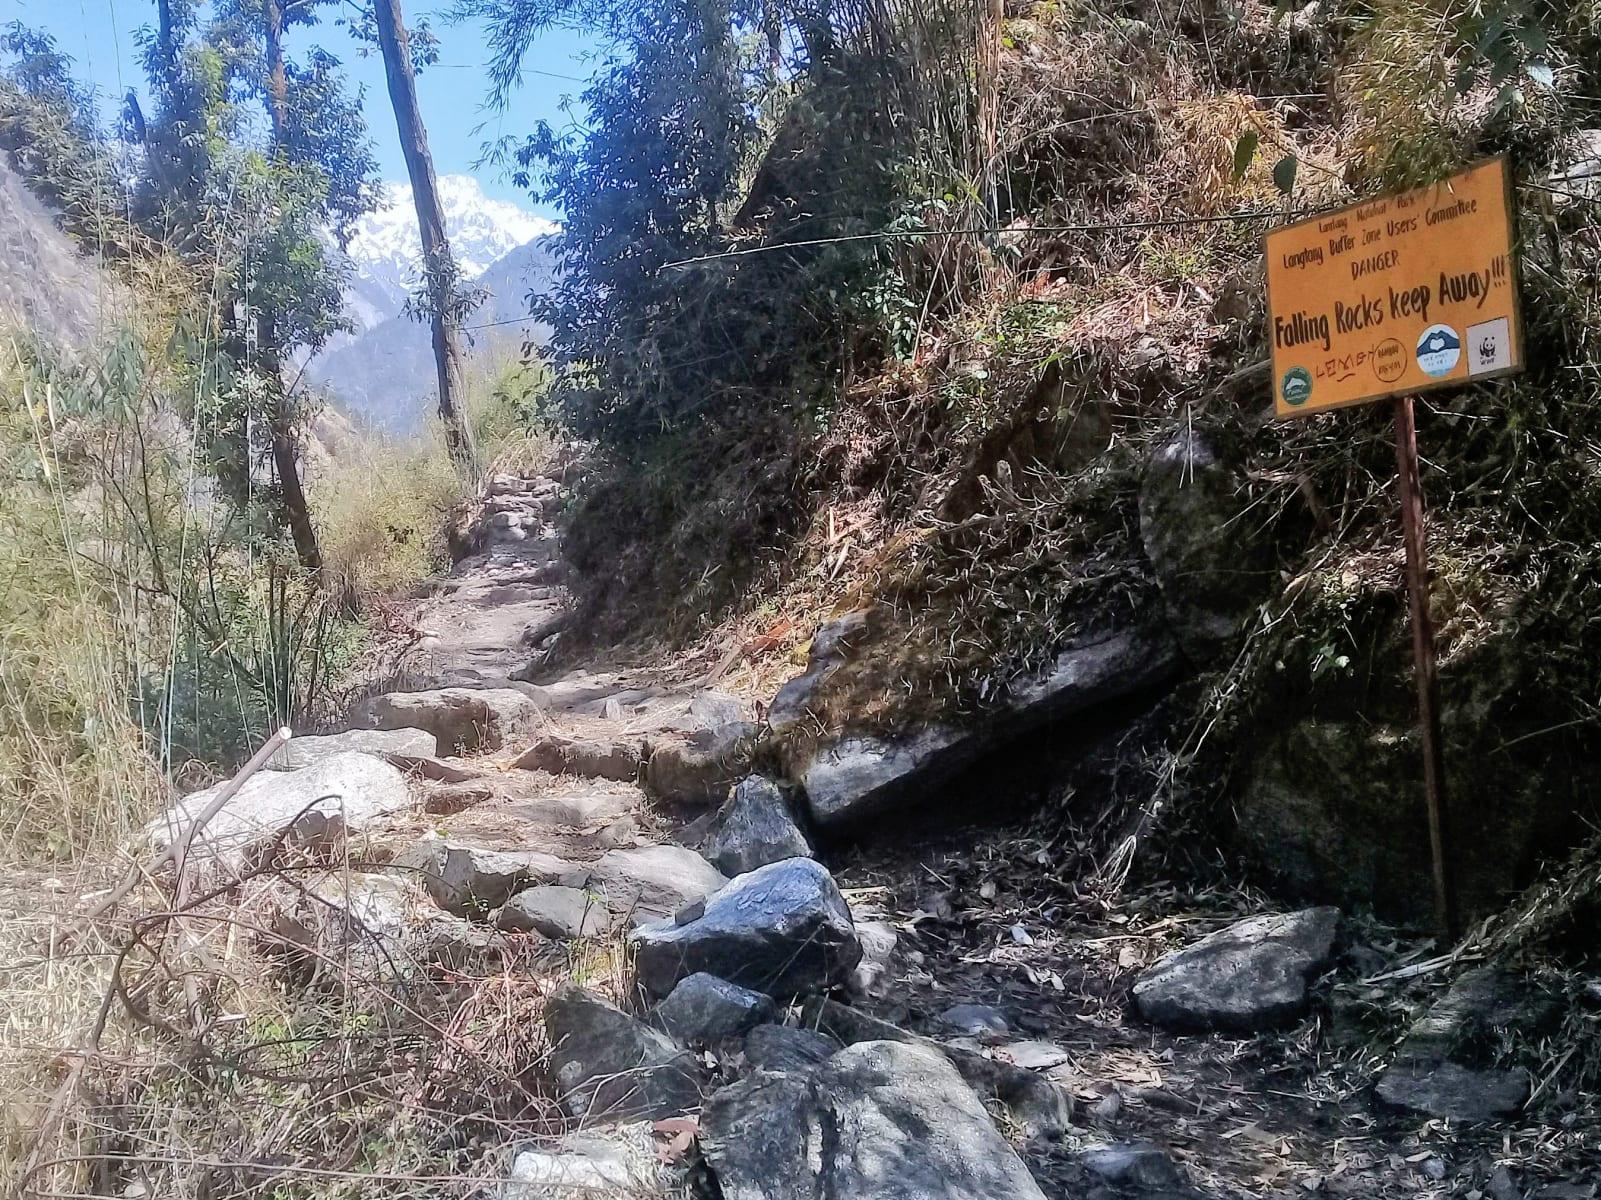 Cedule upozorňující na padající kamení, Nepál